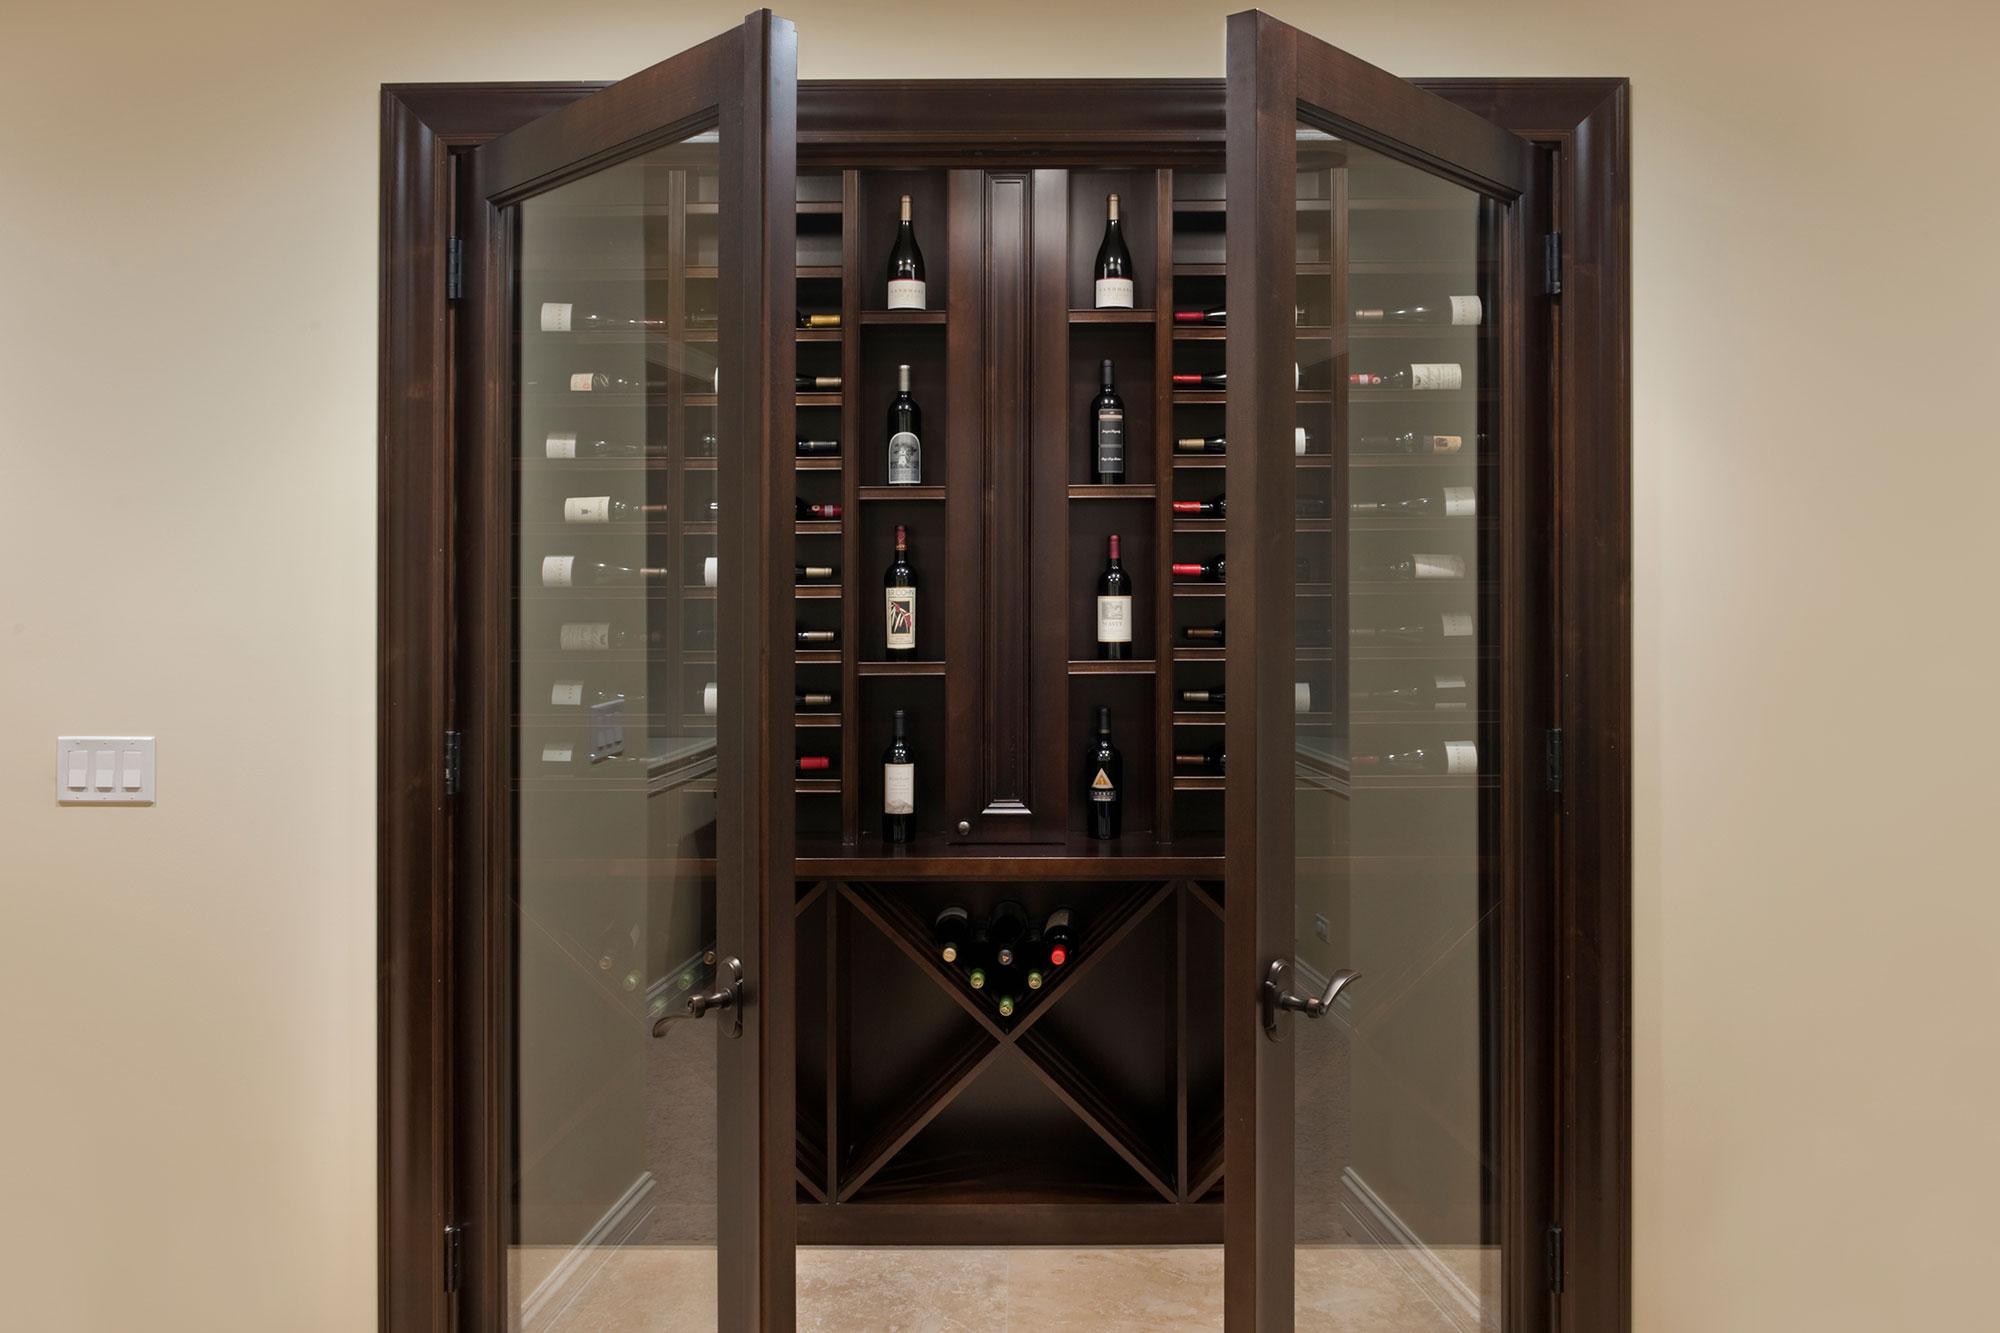 Ex Display Kitchen Cabinets Glenview Haus Chicago Showroom Custom Doors Wine Cellars